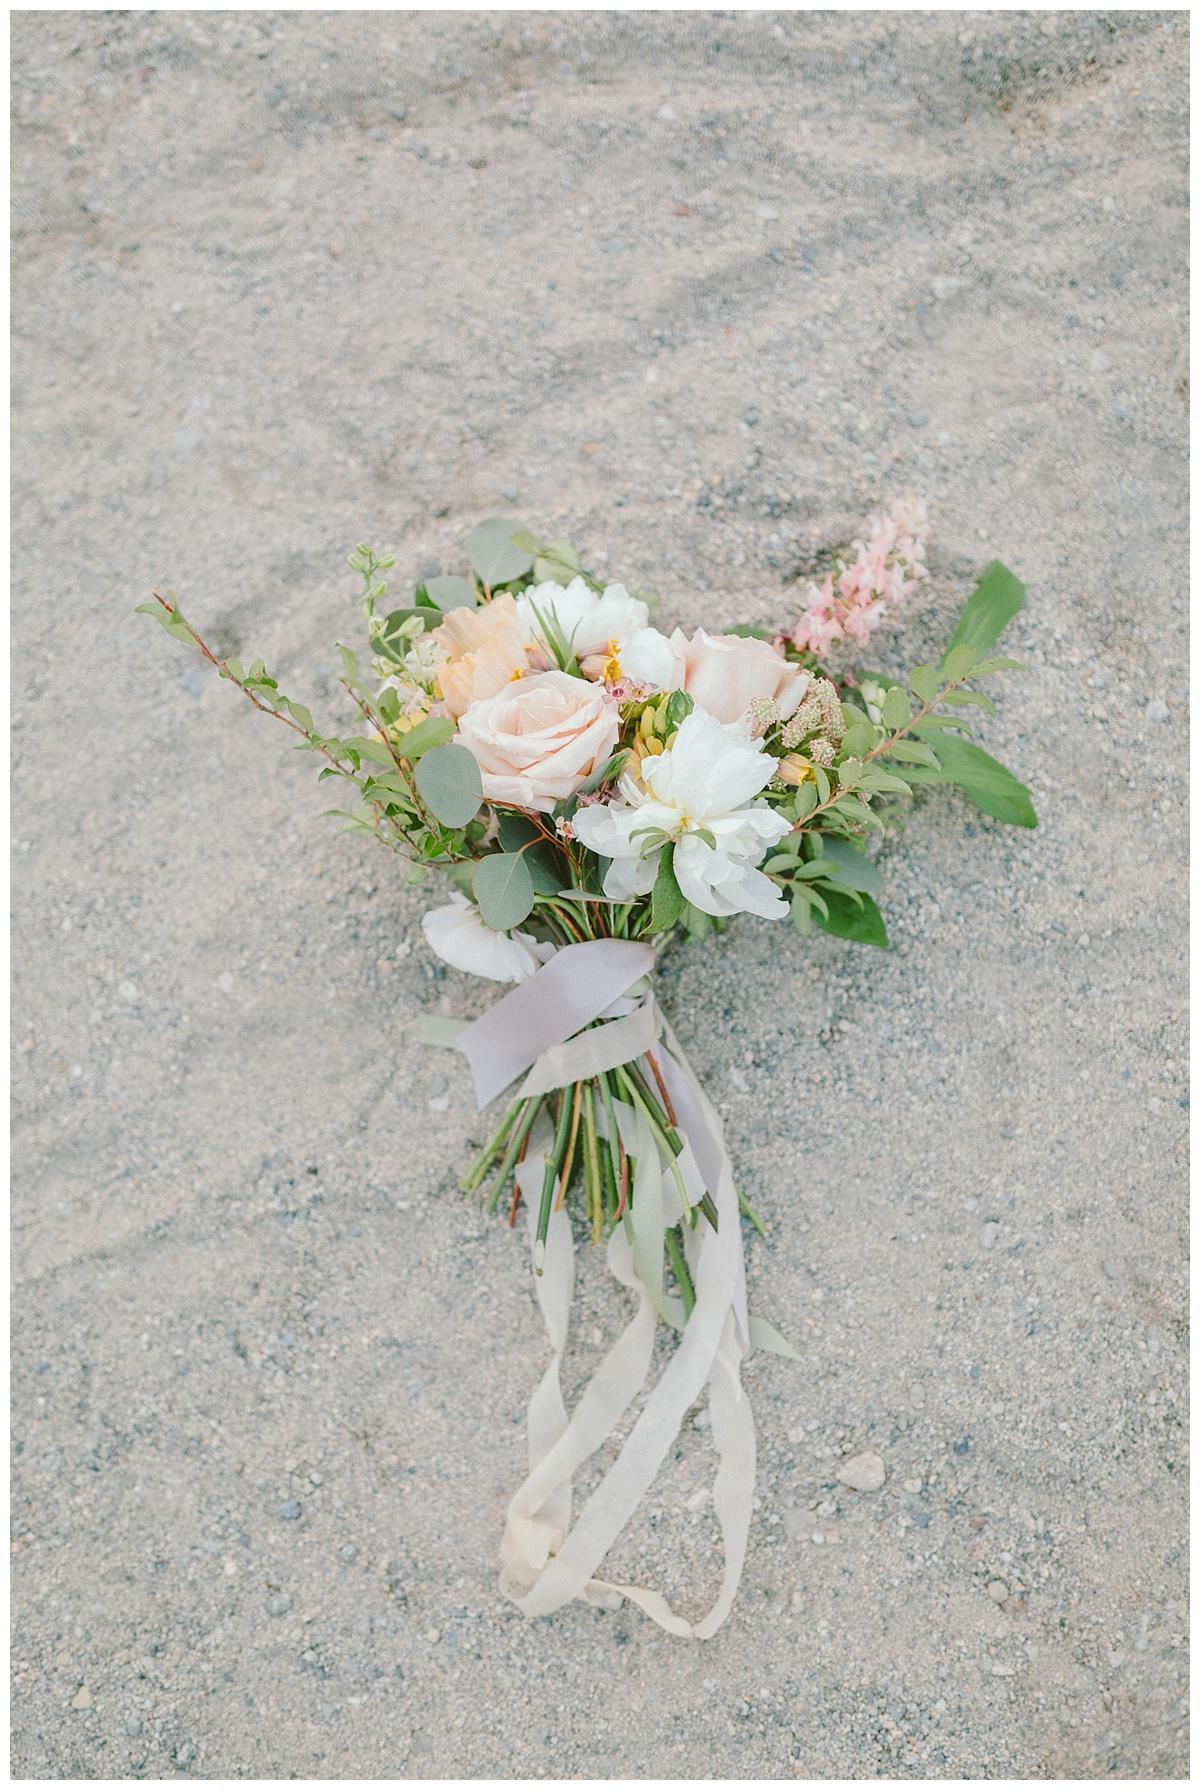 Mattie C. Hong Kong Vancouver Fine Art Wedding Prewedding Photographer30.jpg